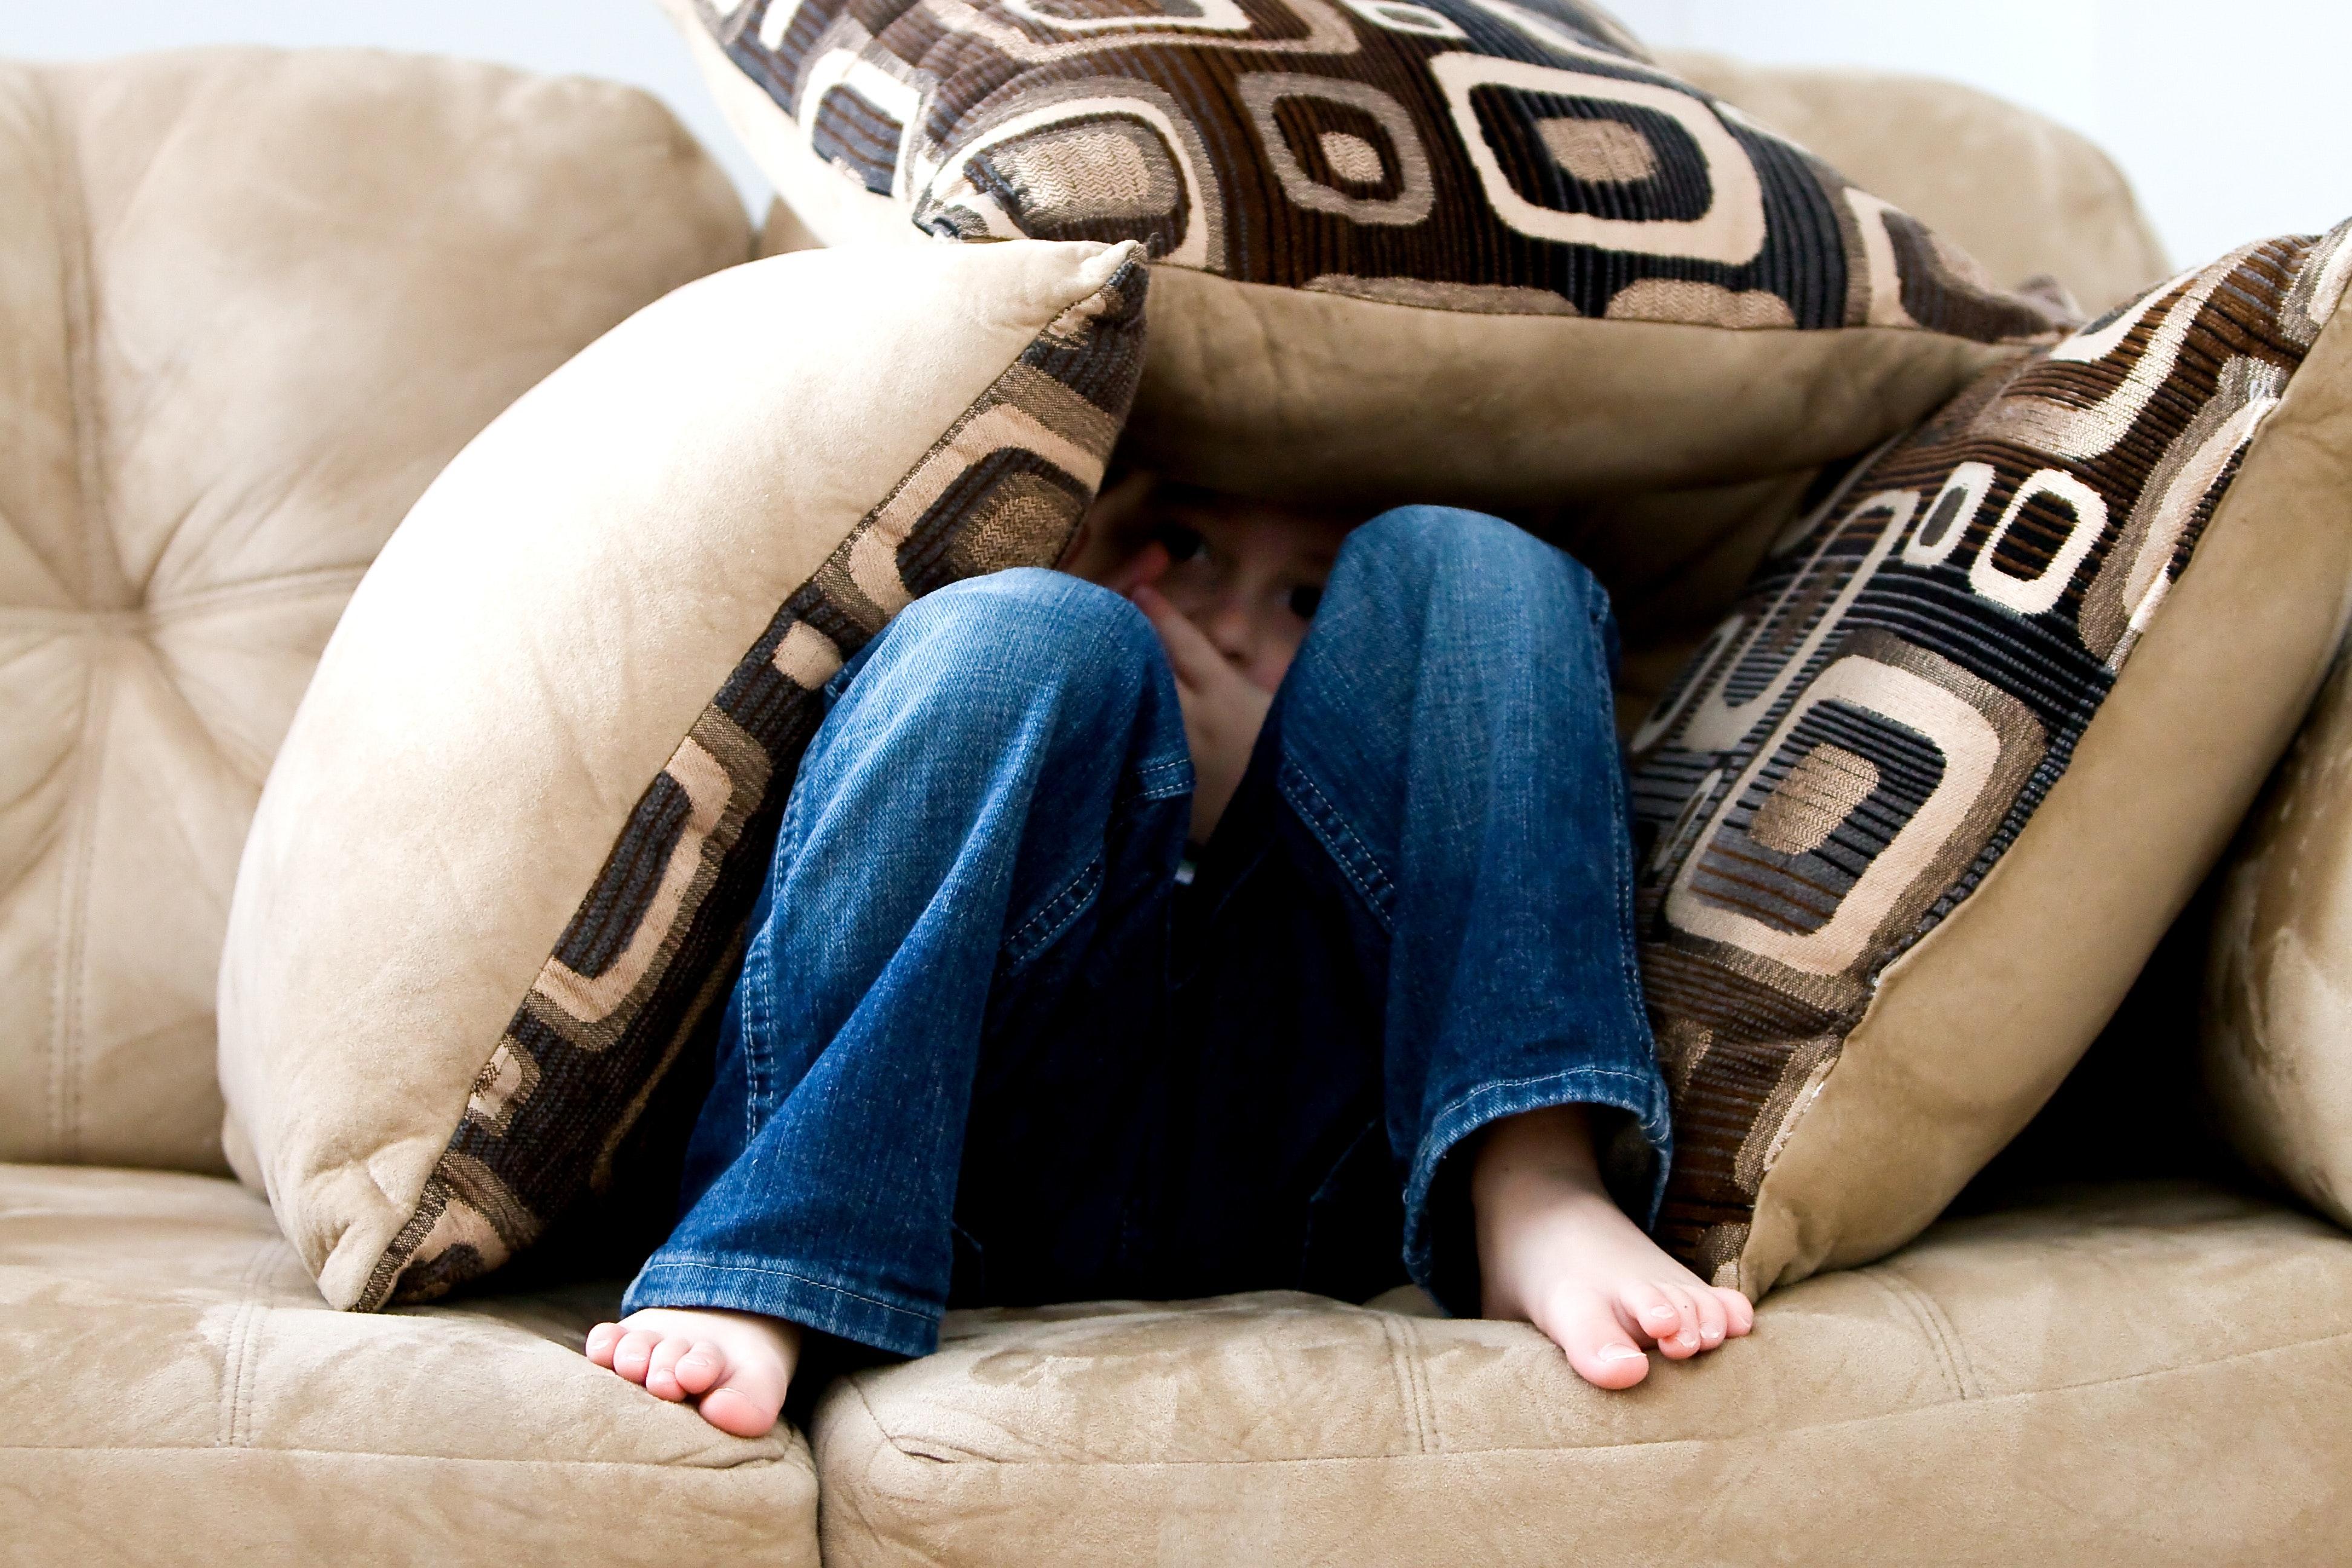 Comment aider nos enfants à ne pas avoir peur de tout?